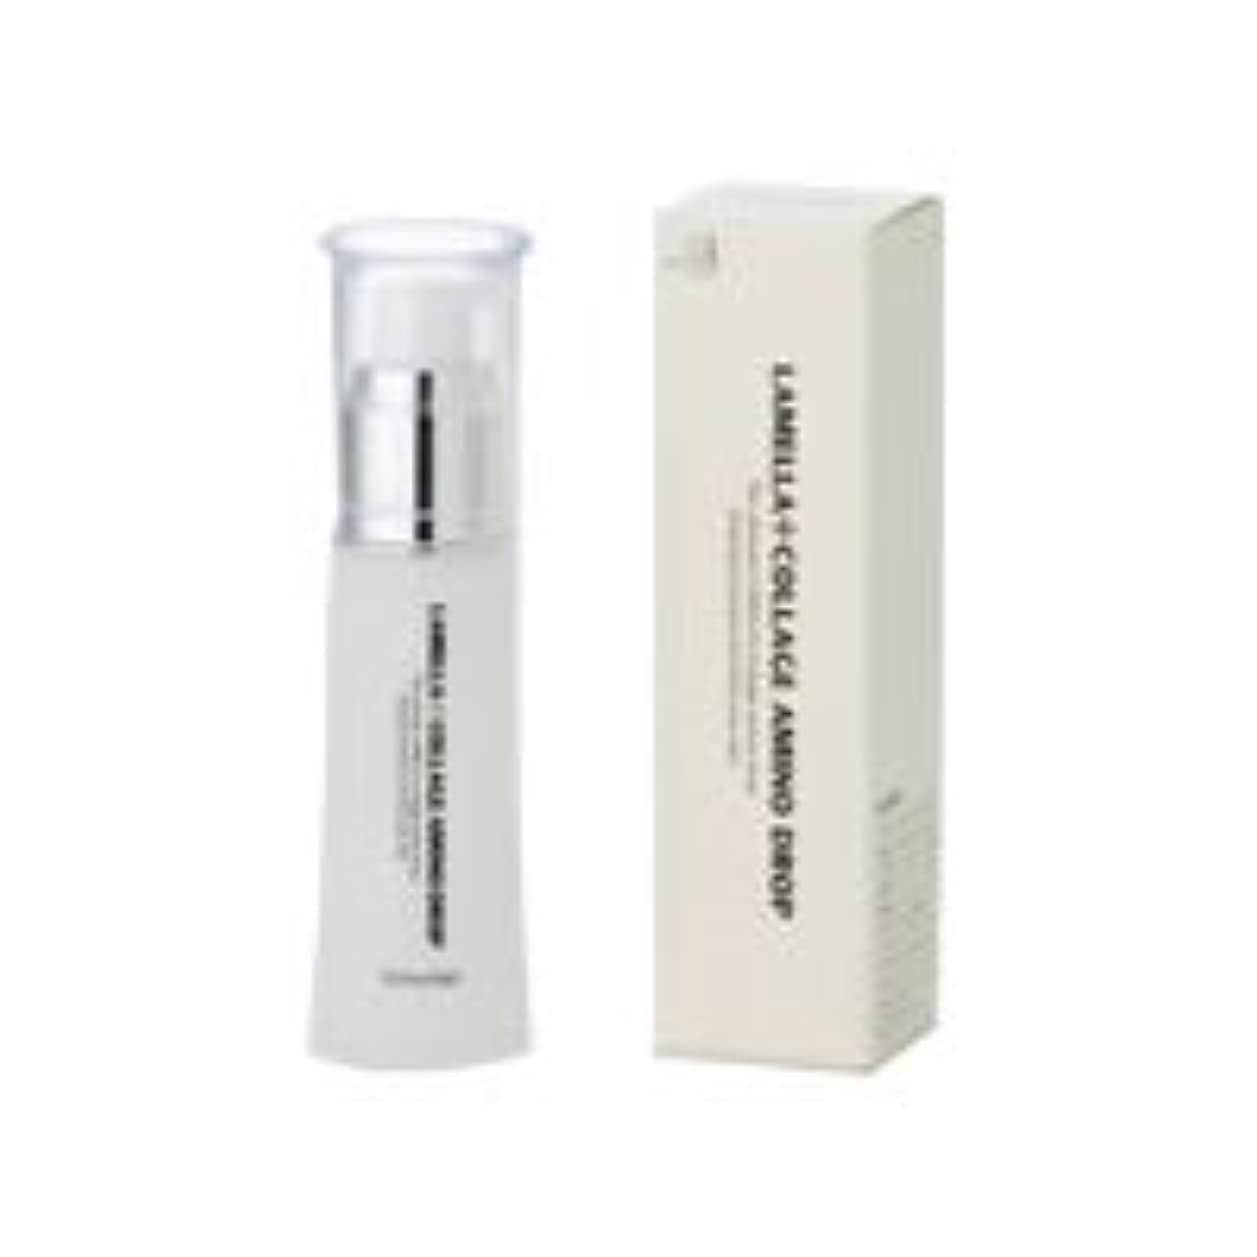 平和的演劇許可するテクノエイト ラメラコラージュ アミノドロップ 40ml (導入美容液)